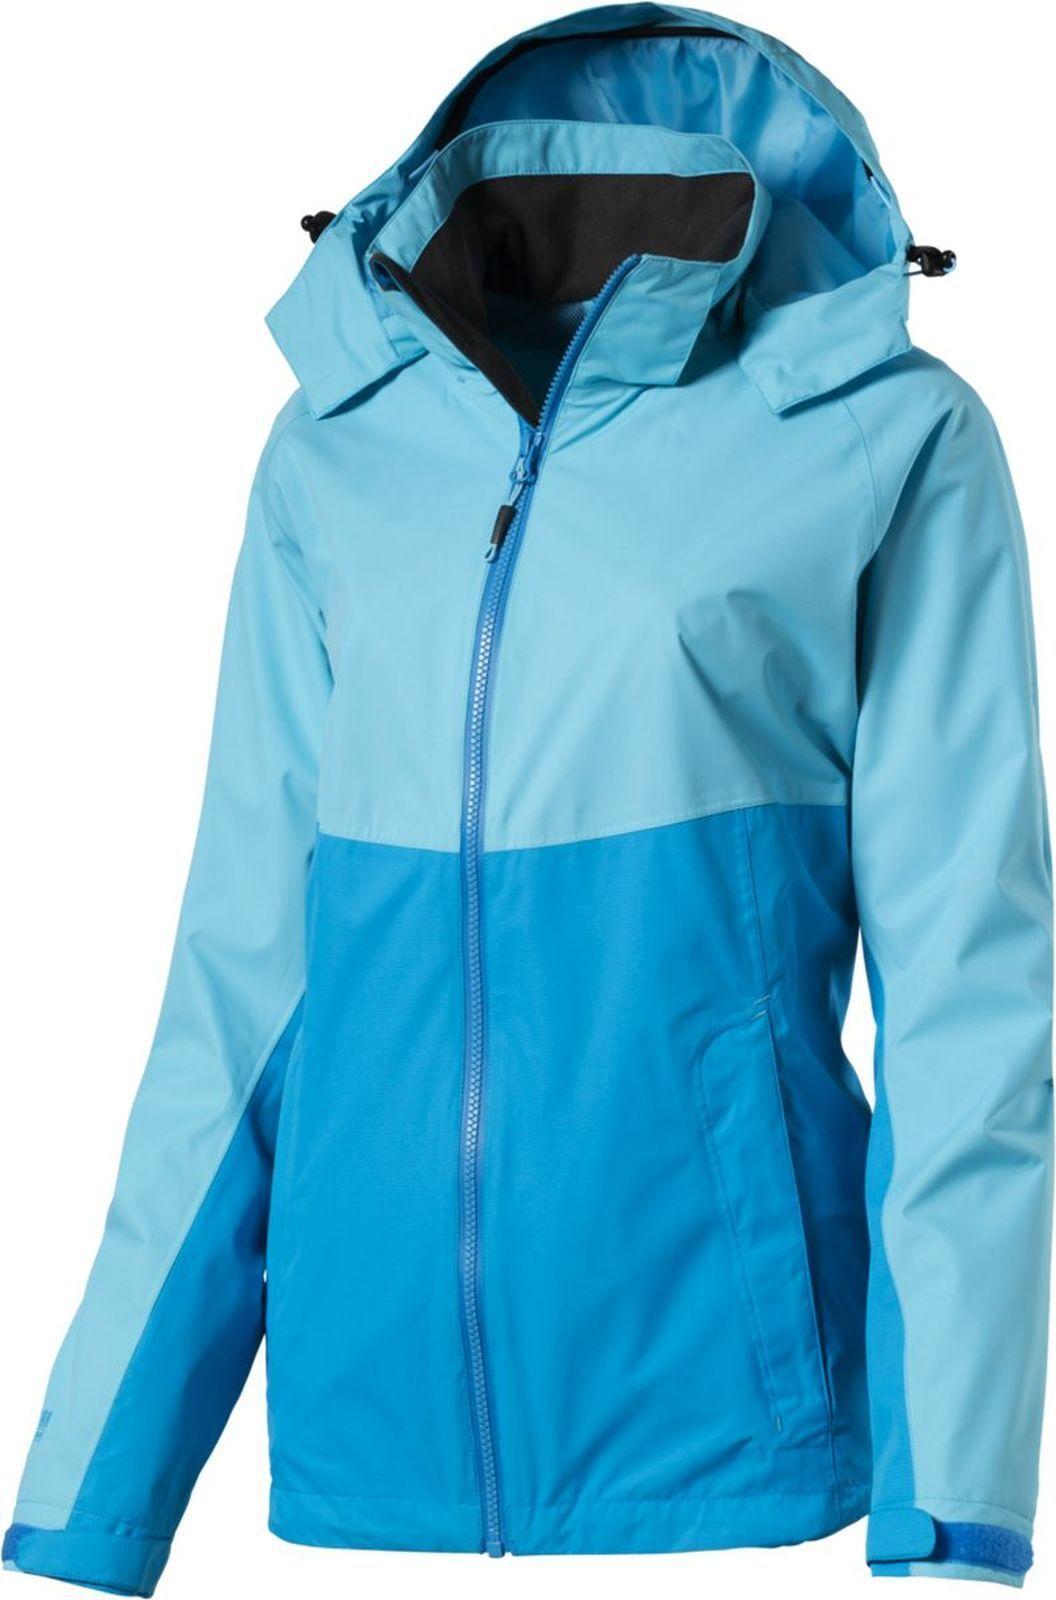 McKinley Damen Wander-Freizeit- Funktions-Jacke LAGLAN türkis blau